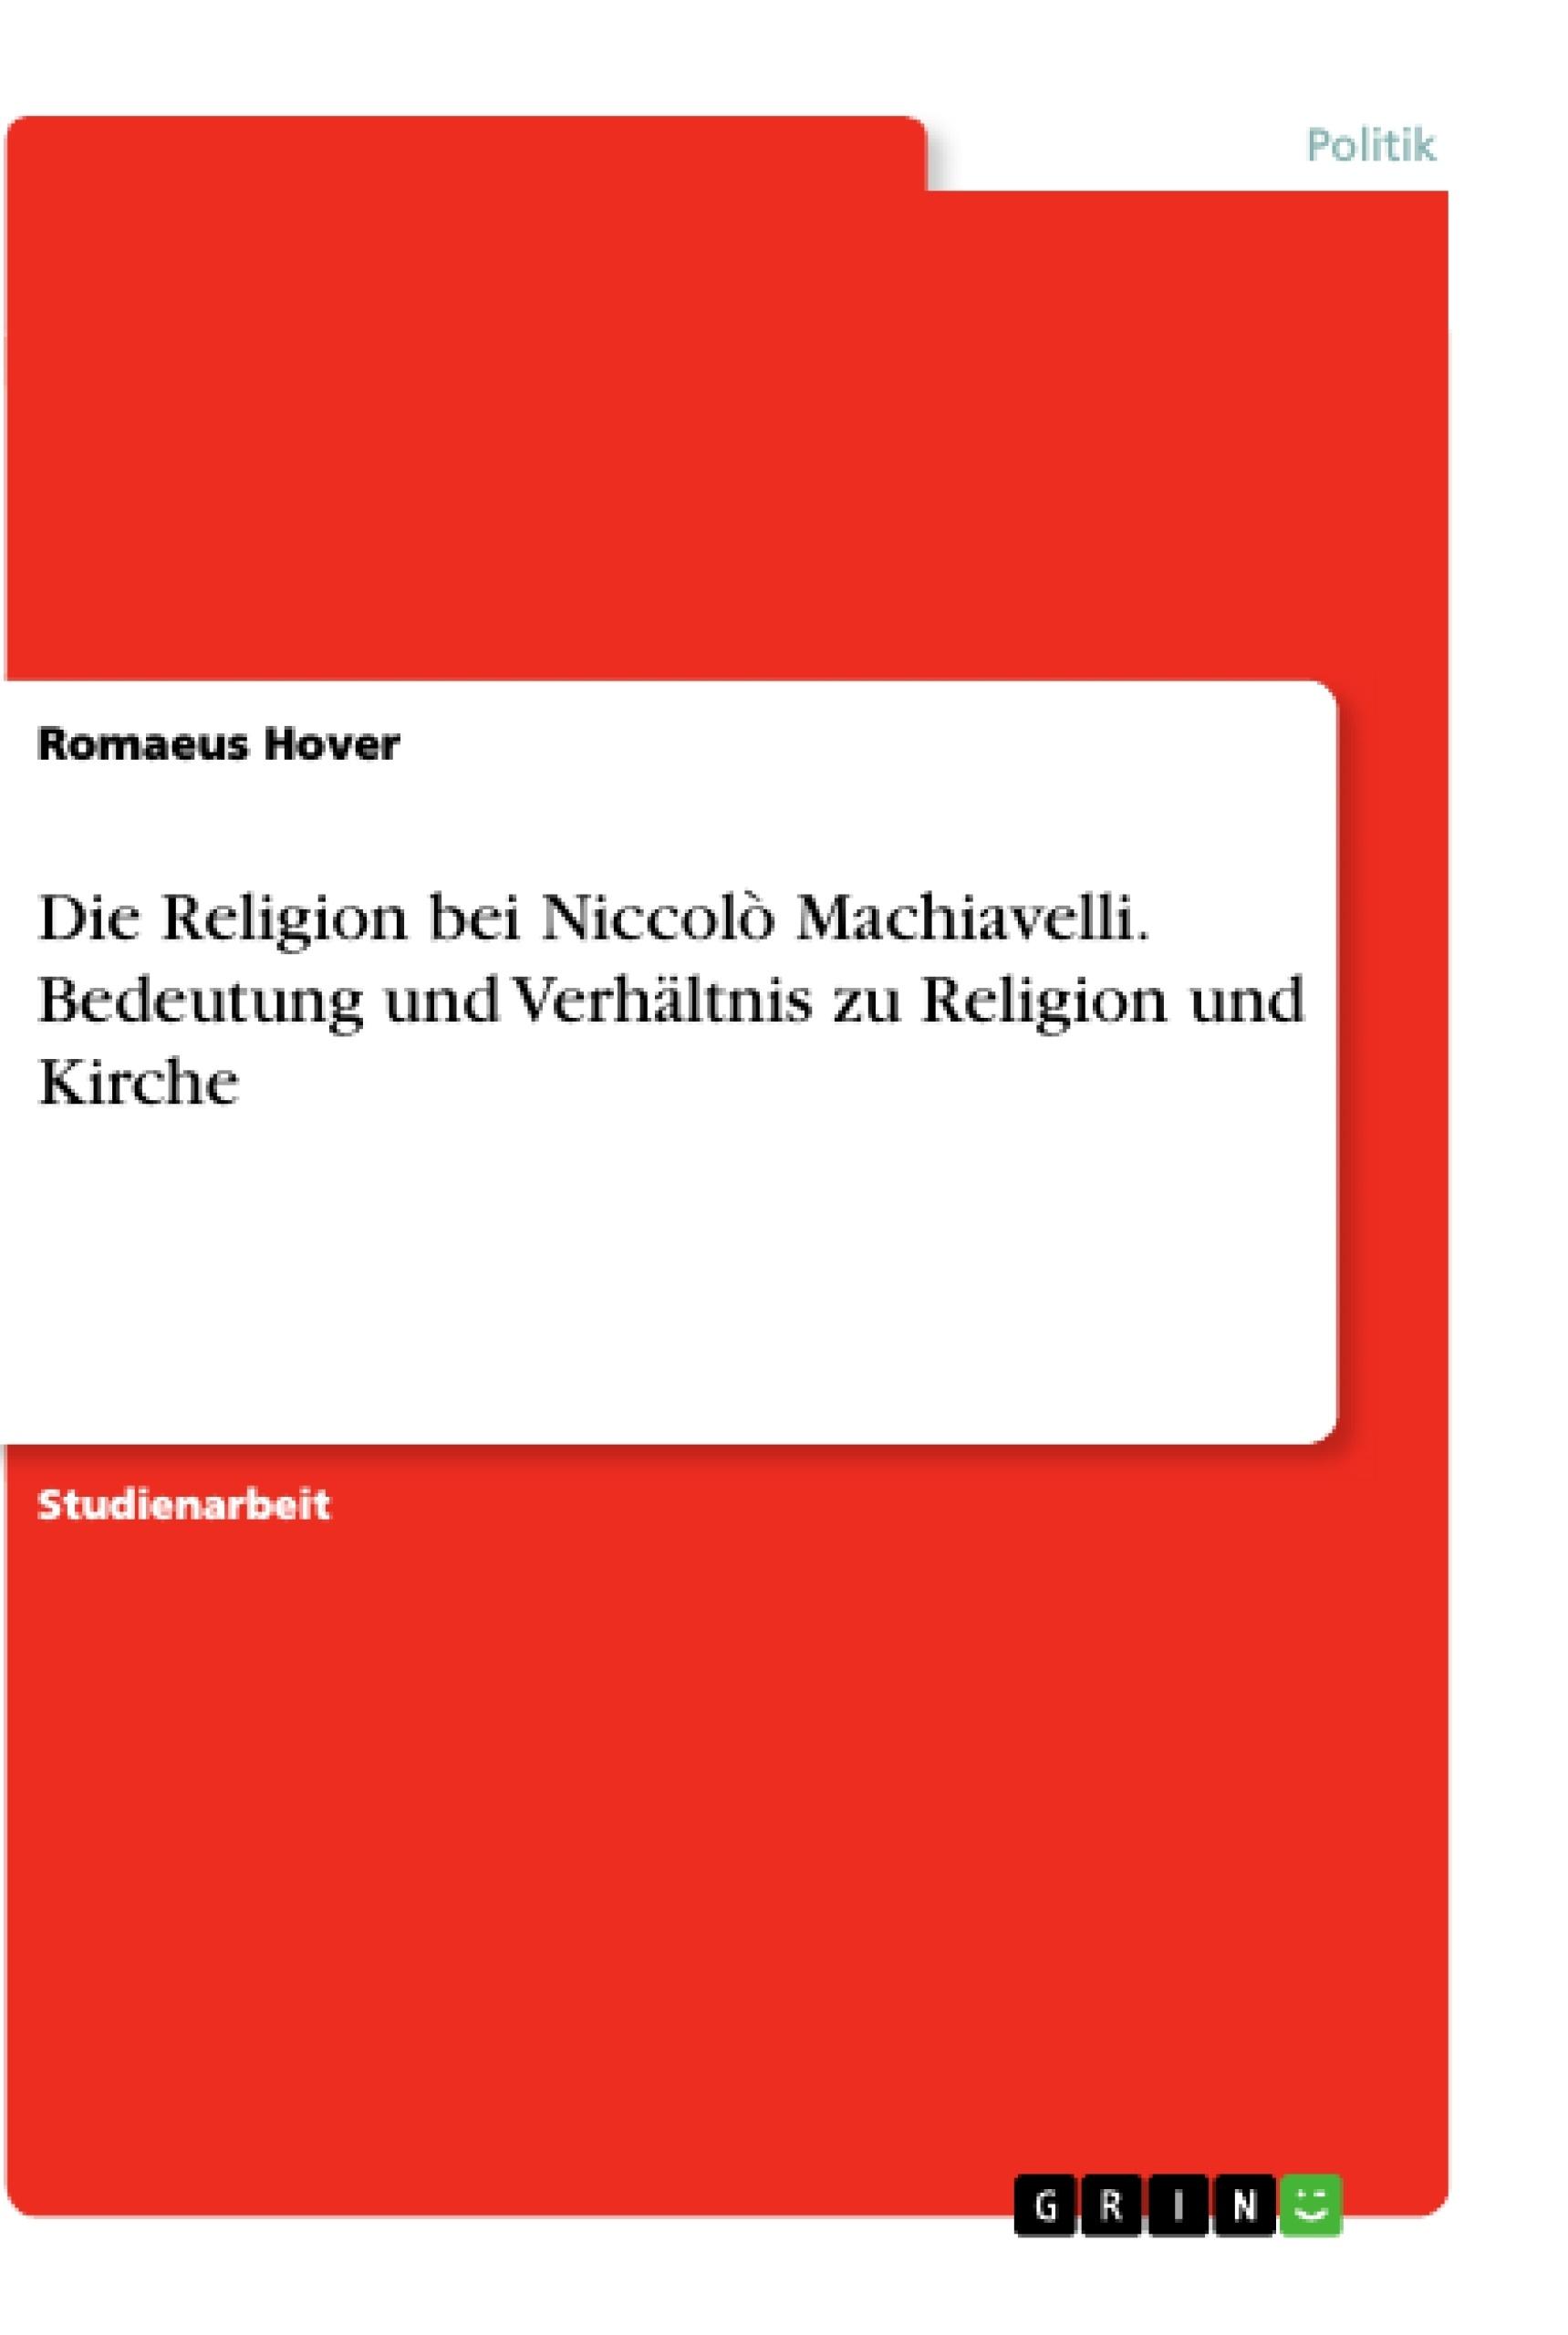 Titel: Die Religion bei Niccolò Machiavelli. Bedeutung und Verhältnis zu Religion und Kirche